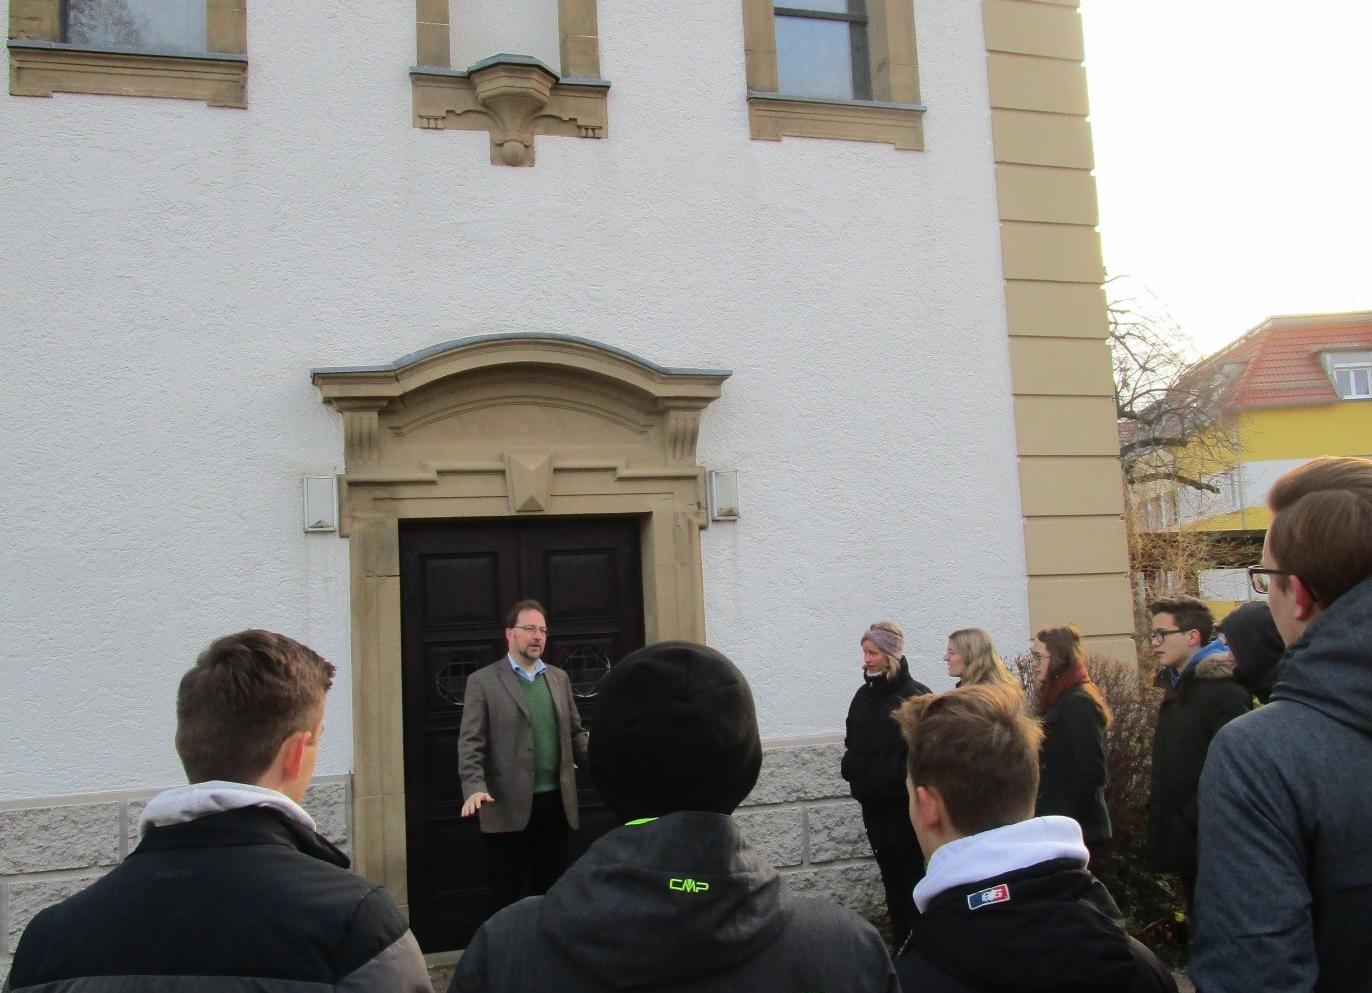 Kirche vor Ort - Besuch der Evangelischen Johanneskirche in Affaltrach